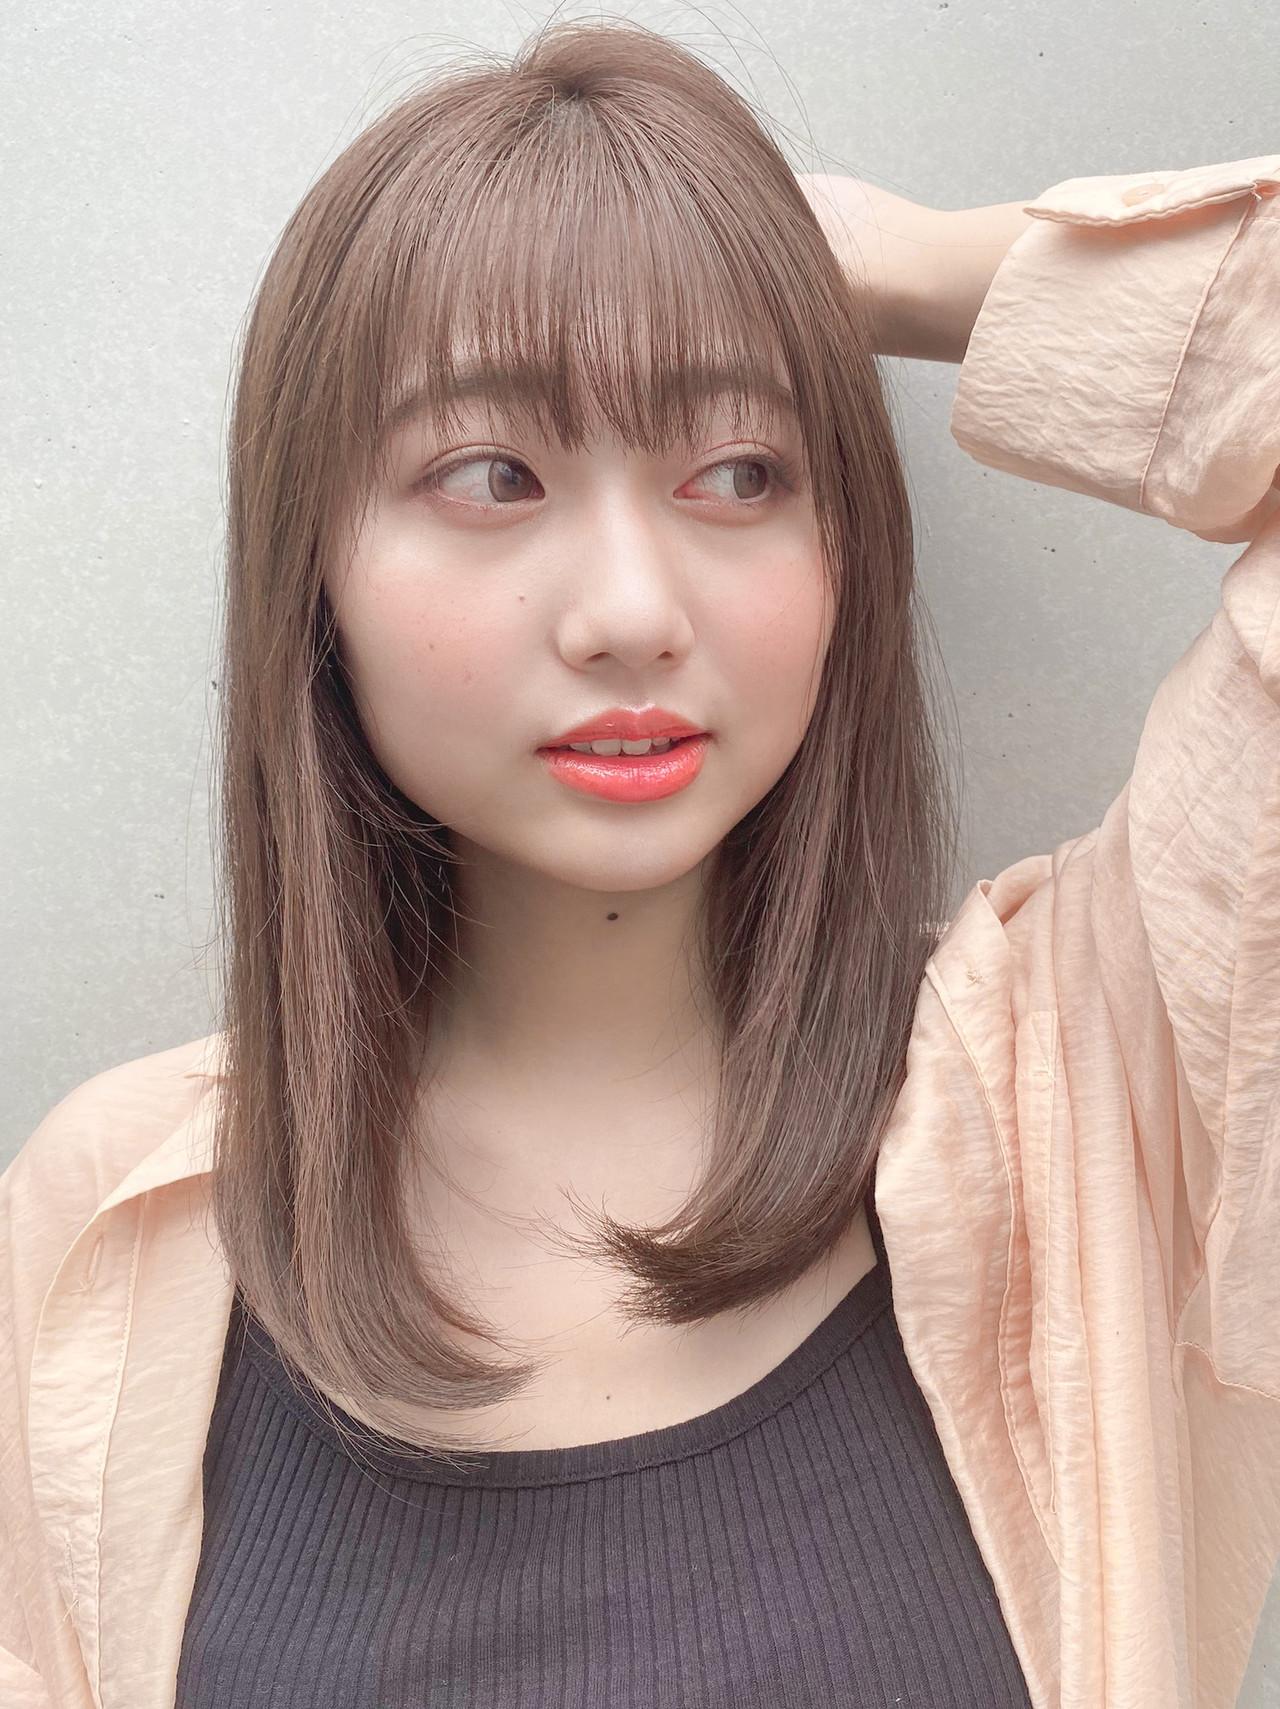 縮毛矯正ストカール 縮毛矯正 セミロング ストレート ヘアスタイルや髪型の写真・画像